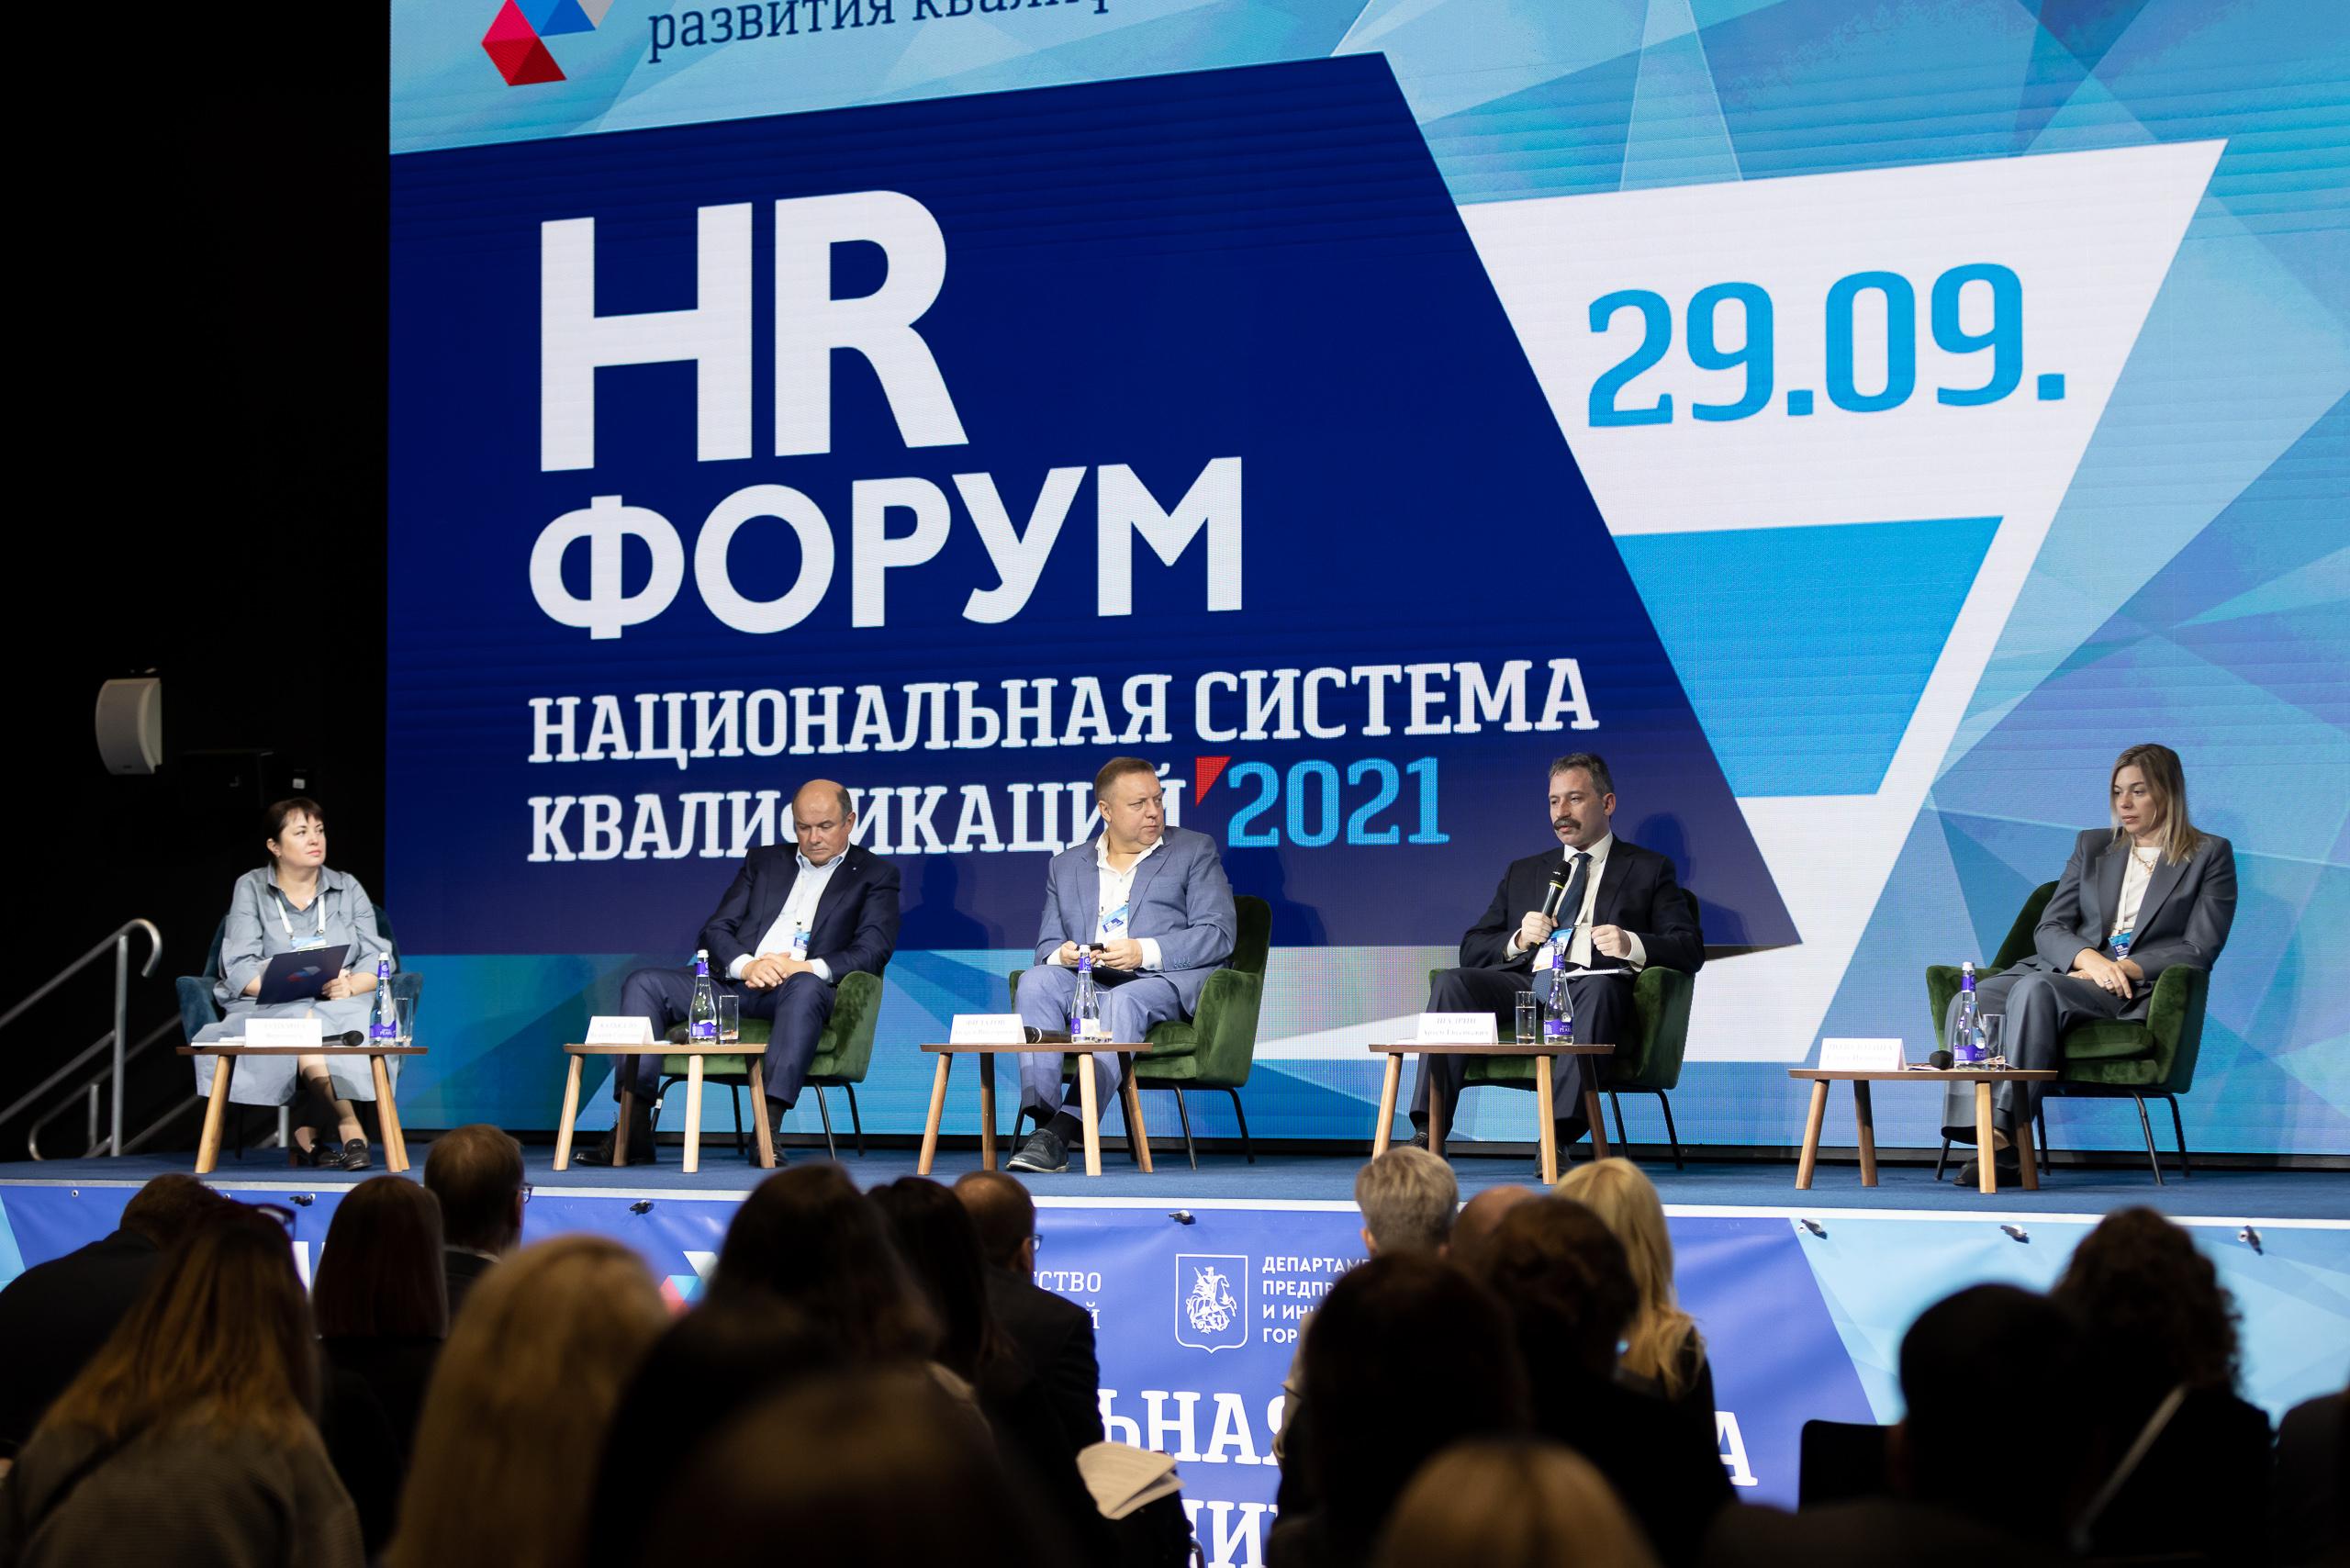 Участники HR-Форума обсудили будущее рынка труда